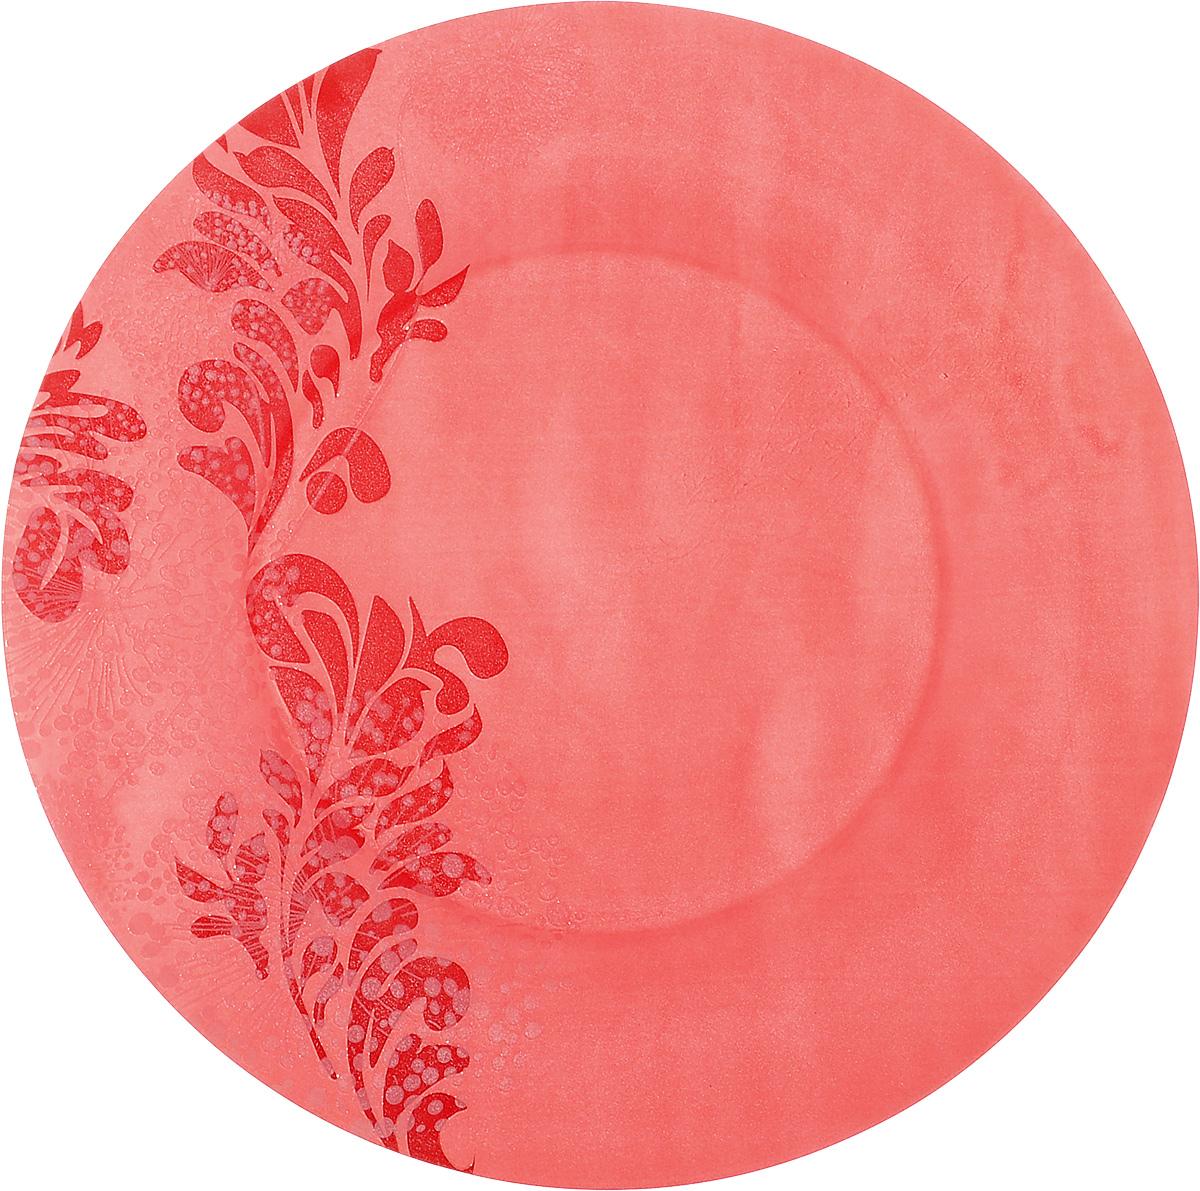 Тарелка обеденная Luminarc Piume Red, диаметр 25 смJ7537Обеденная тарелка Luminarc Piume Red, изготовленная из ударопрочного стекла, имеет изысканный внешний вид. Яркий дизайн придется по вкусу и ценителям классики, и тем, кто предпочитает утонченность. Тарелка Luminarc Piume Red идеально подойдет для сервировки вторых блюд из птицы, рыбы, мяса или овощей, а также станет отличным подарком к любому празднику. Диаметр тарелки (по верхнему краю): 25 см.